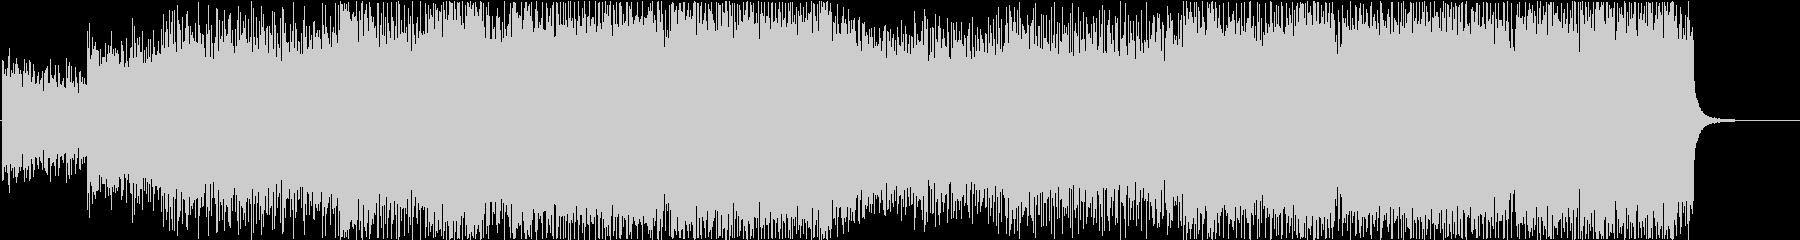 レトロな感じのEDM/Synthwaveの未再生の波形